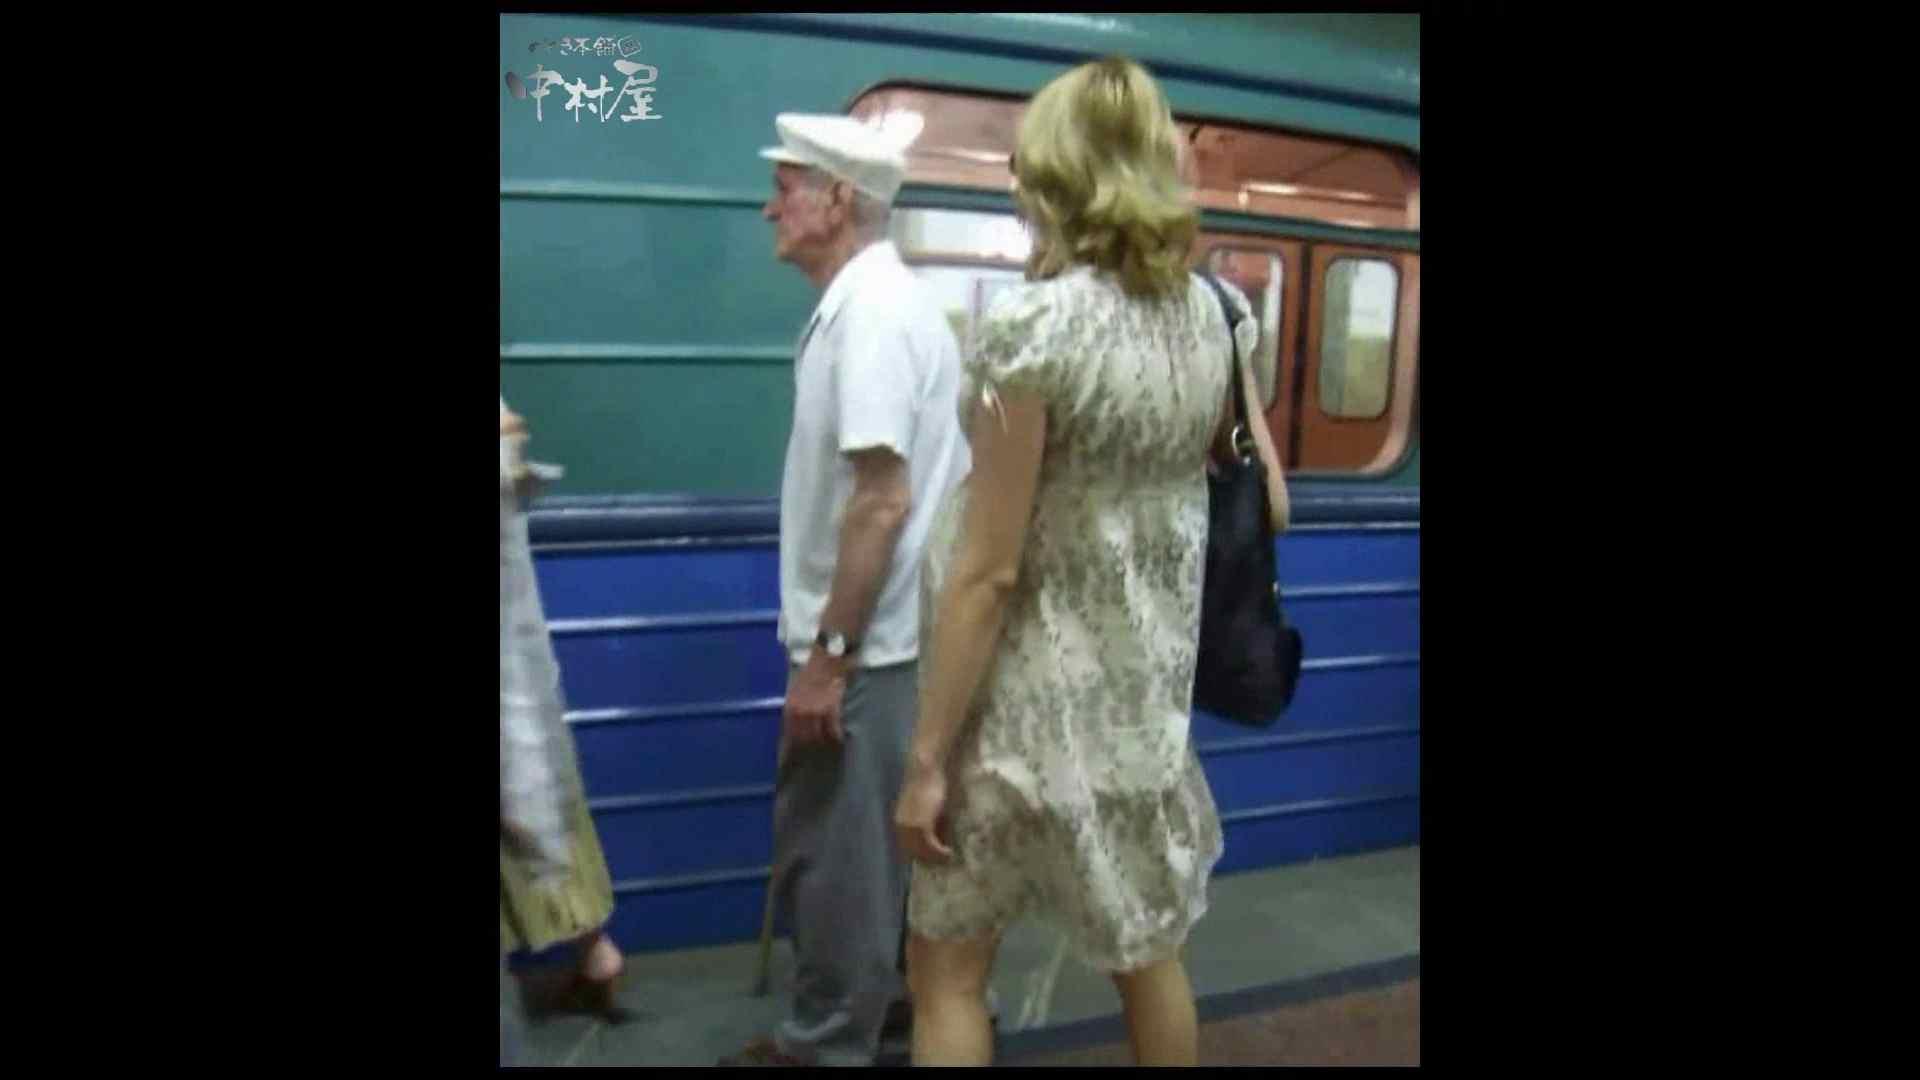 綺麗なモデルさんのスカート捲っちゃおう‼ vol08 お姉さんのエロ動画  91PIX 46